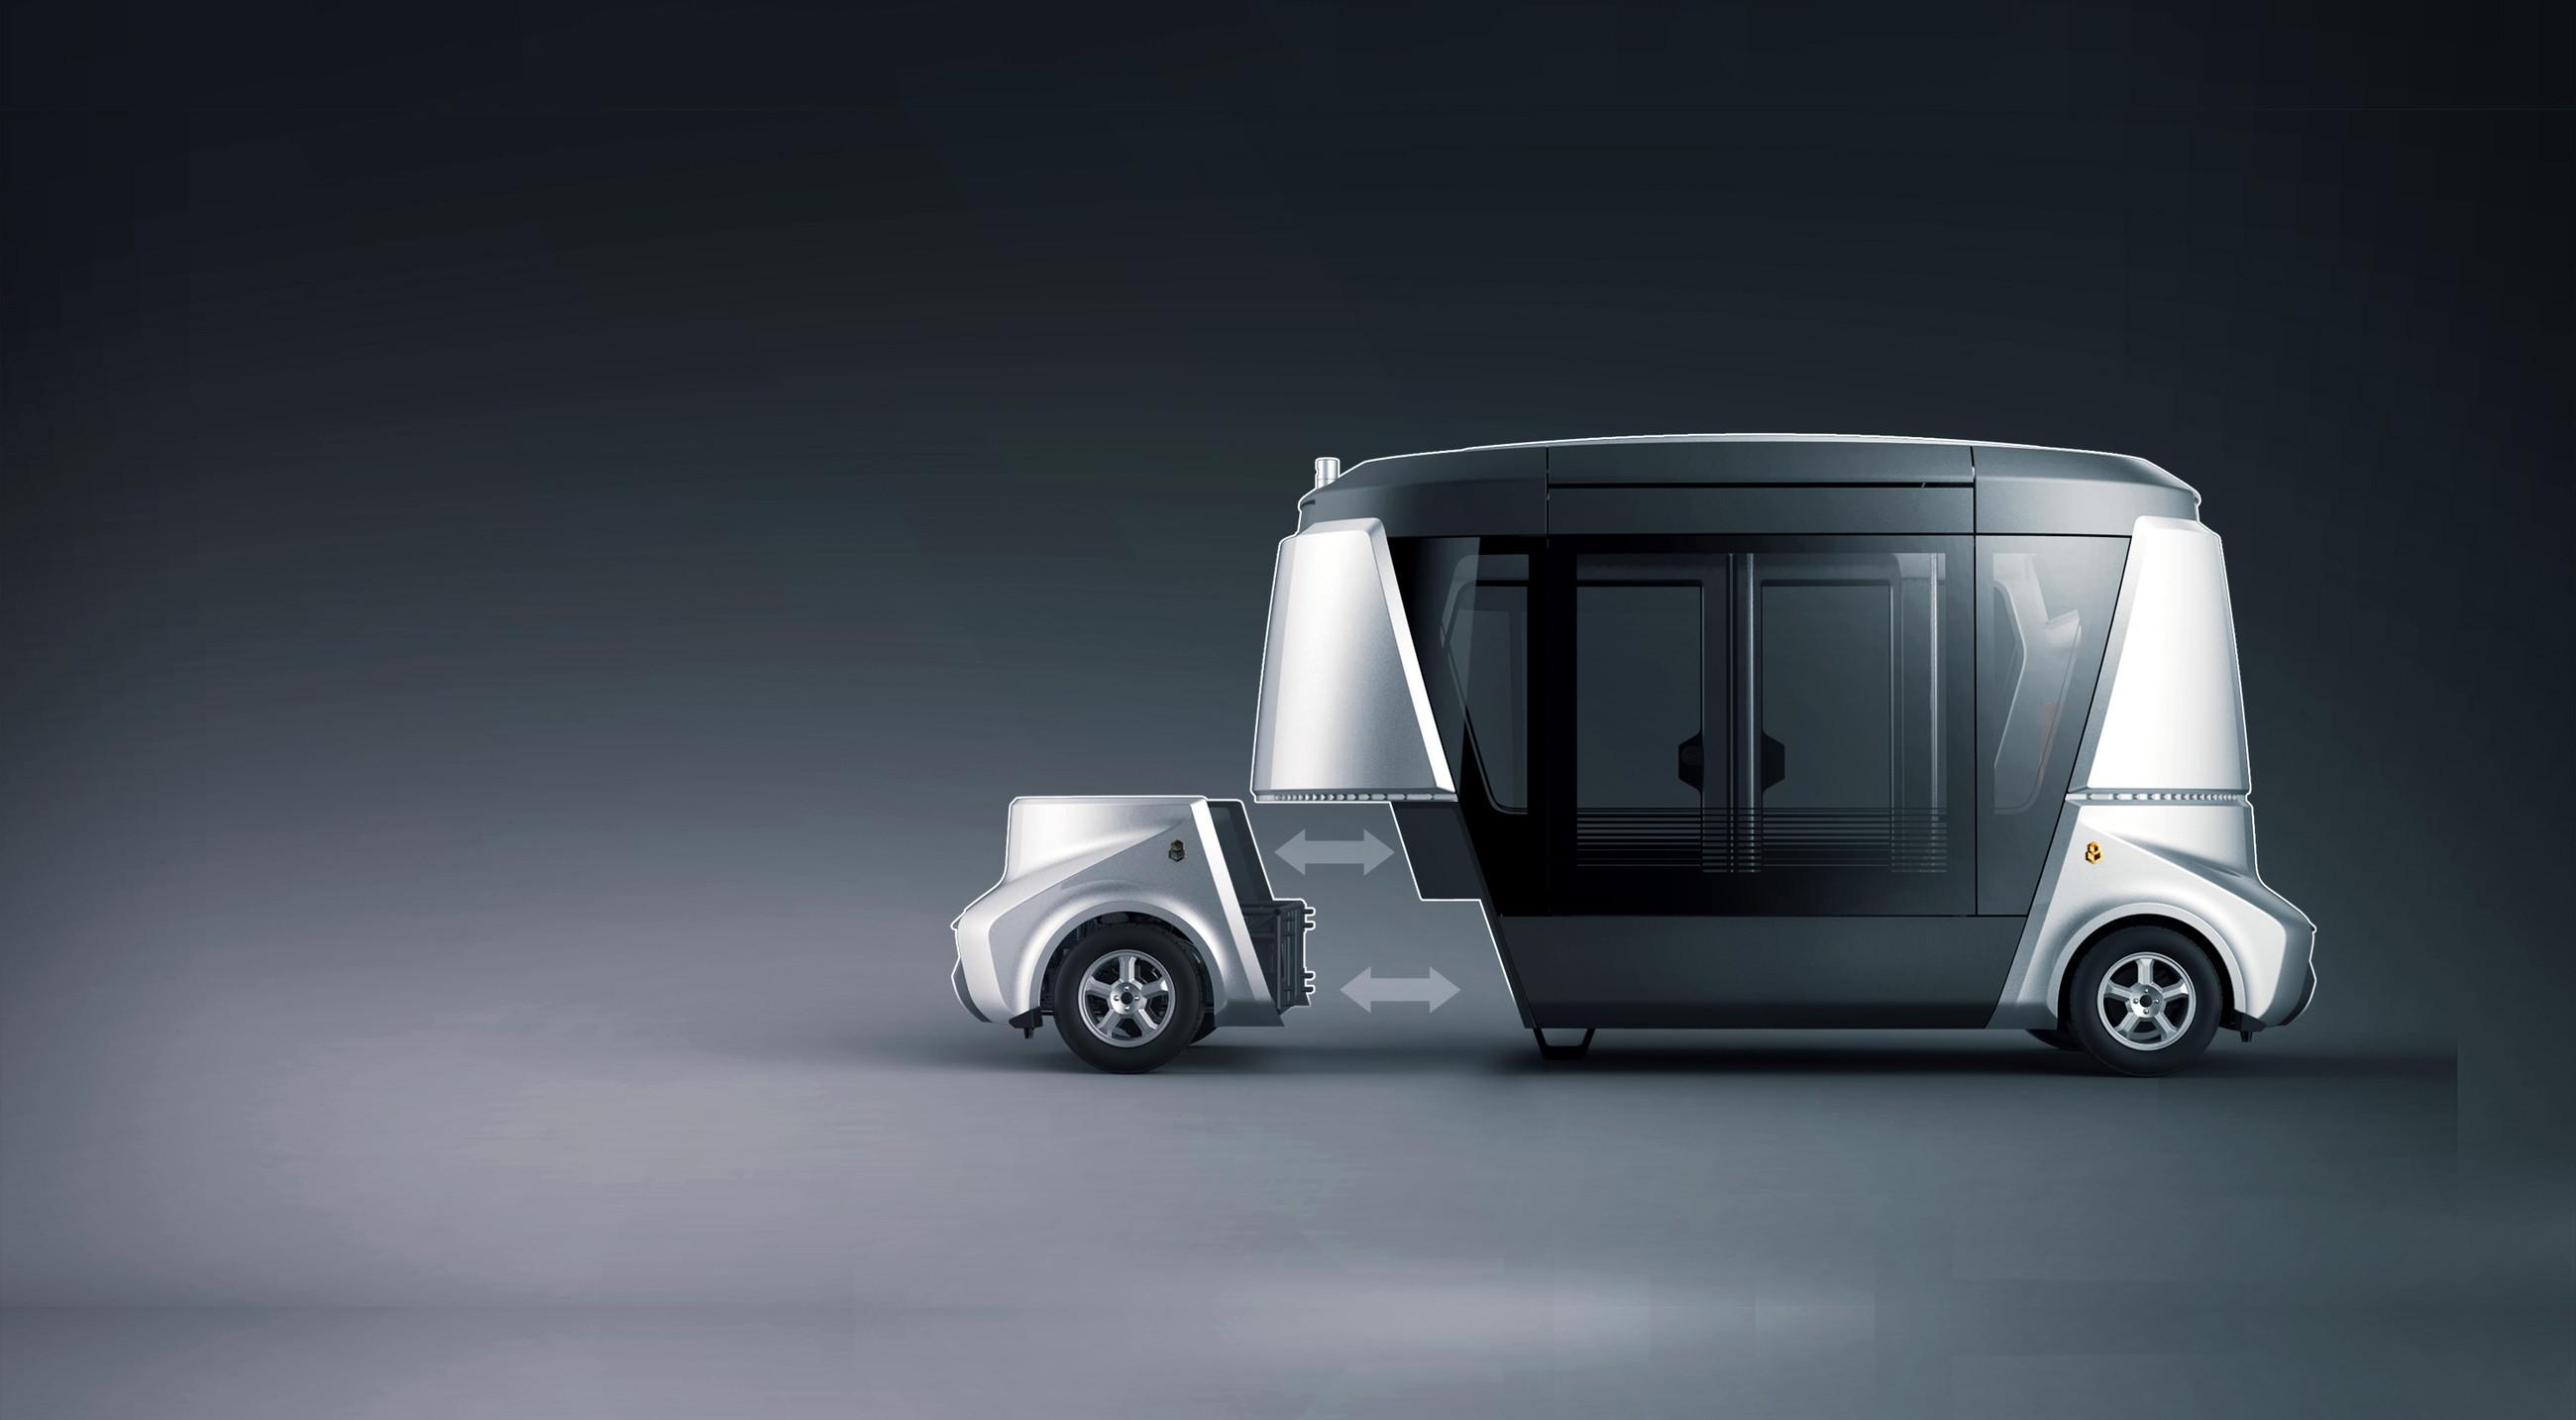 Компания Volgabus разработала концепт будущего семейства коммерческого беспилотного транспорта